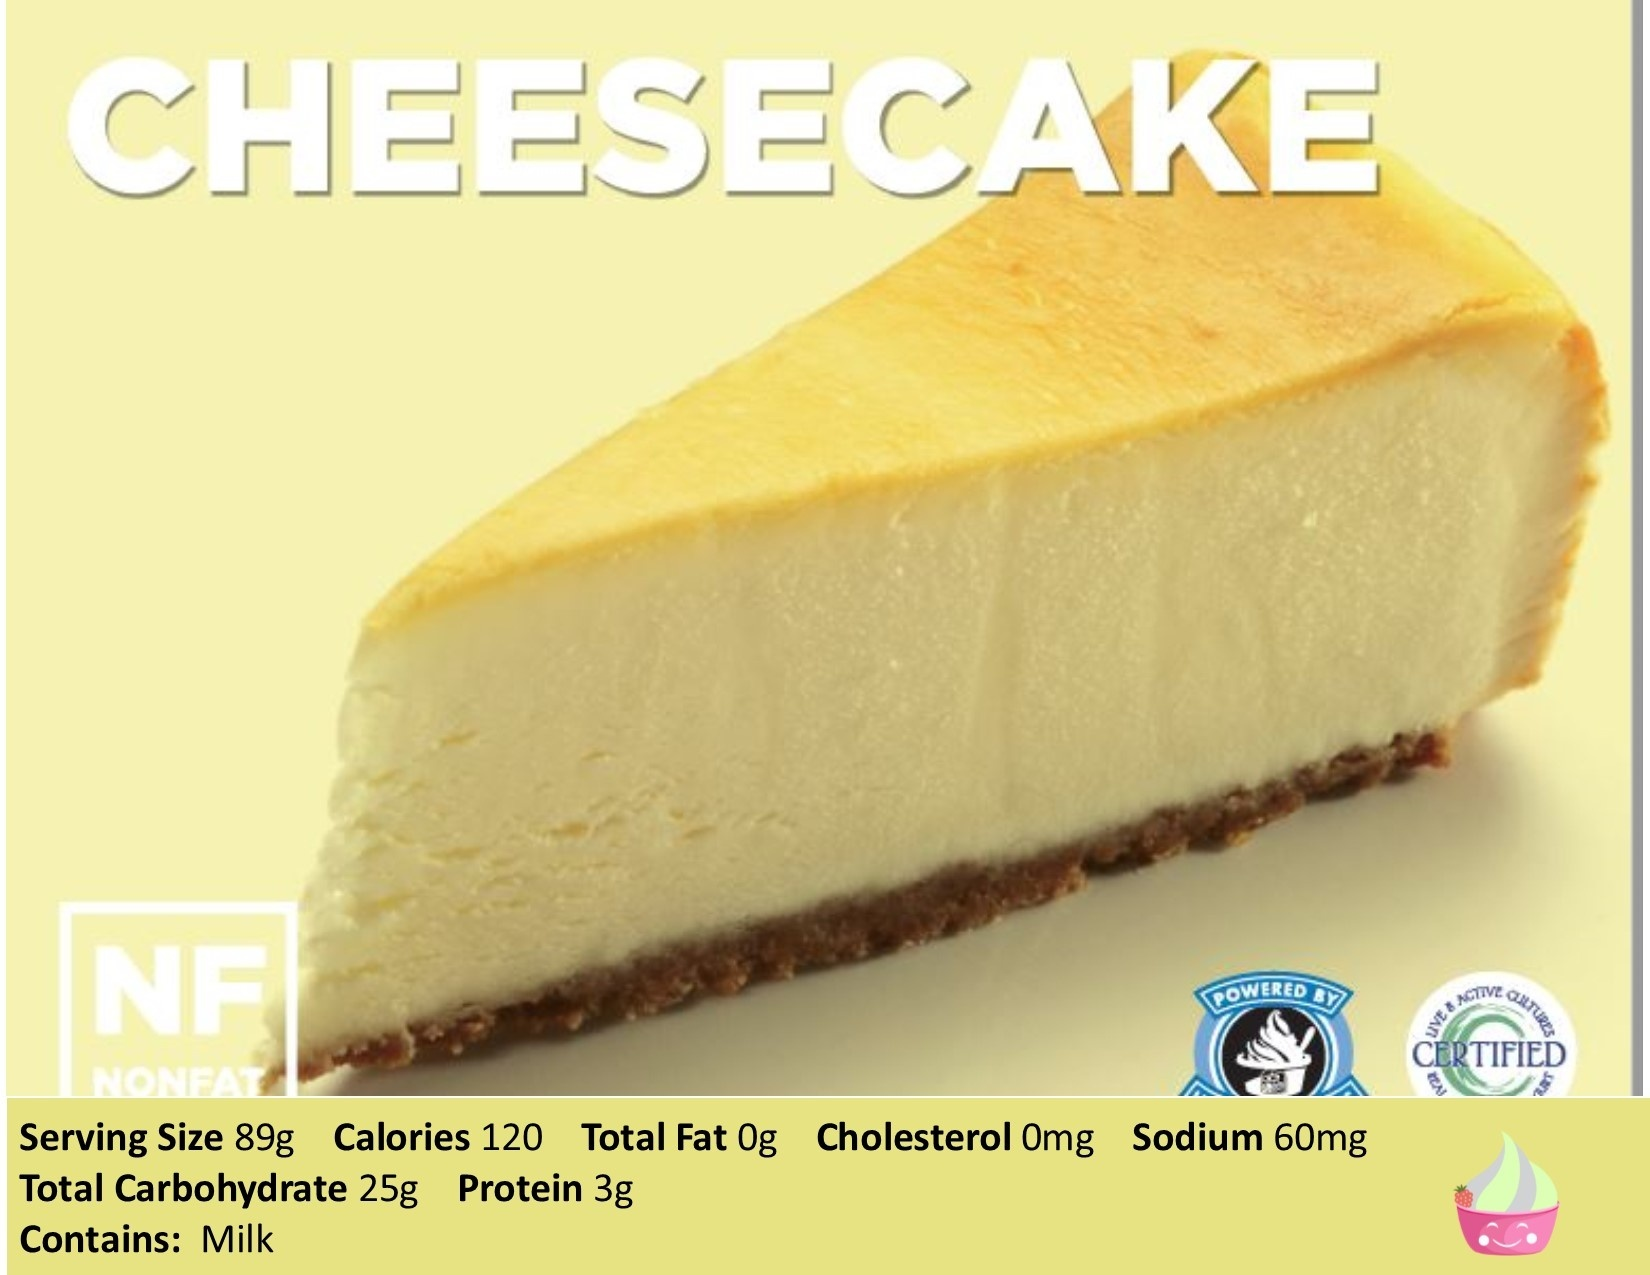 https://0201.nccdn.net/1_2/000/000/12d/d64/Cheesecake-NF-1650x1275-1650x1275.jpg